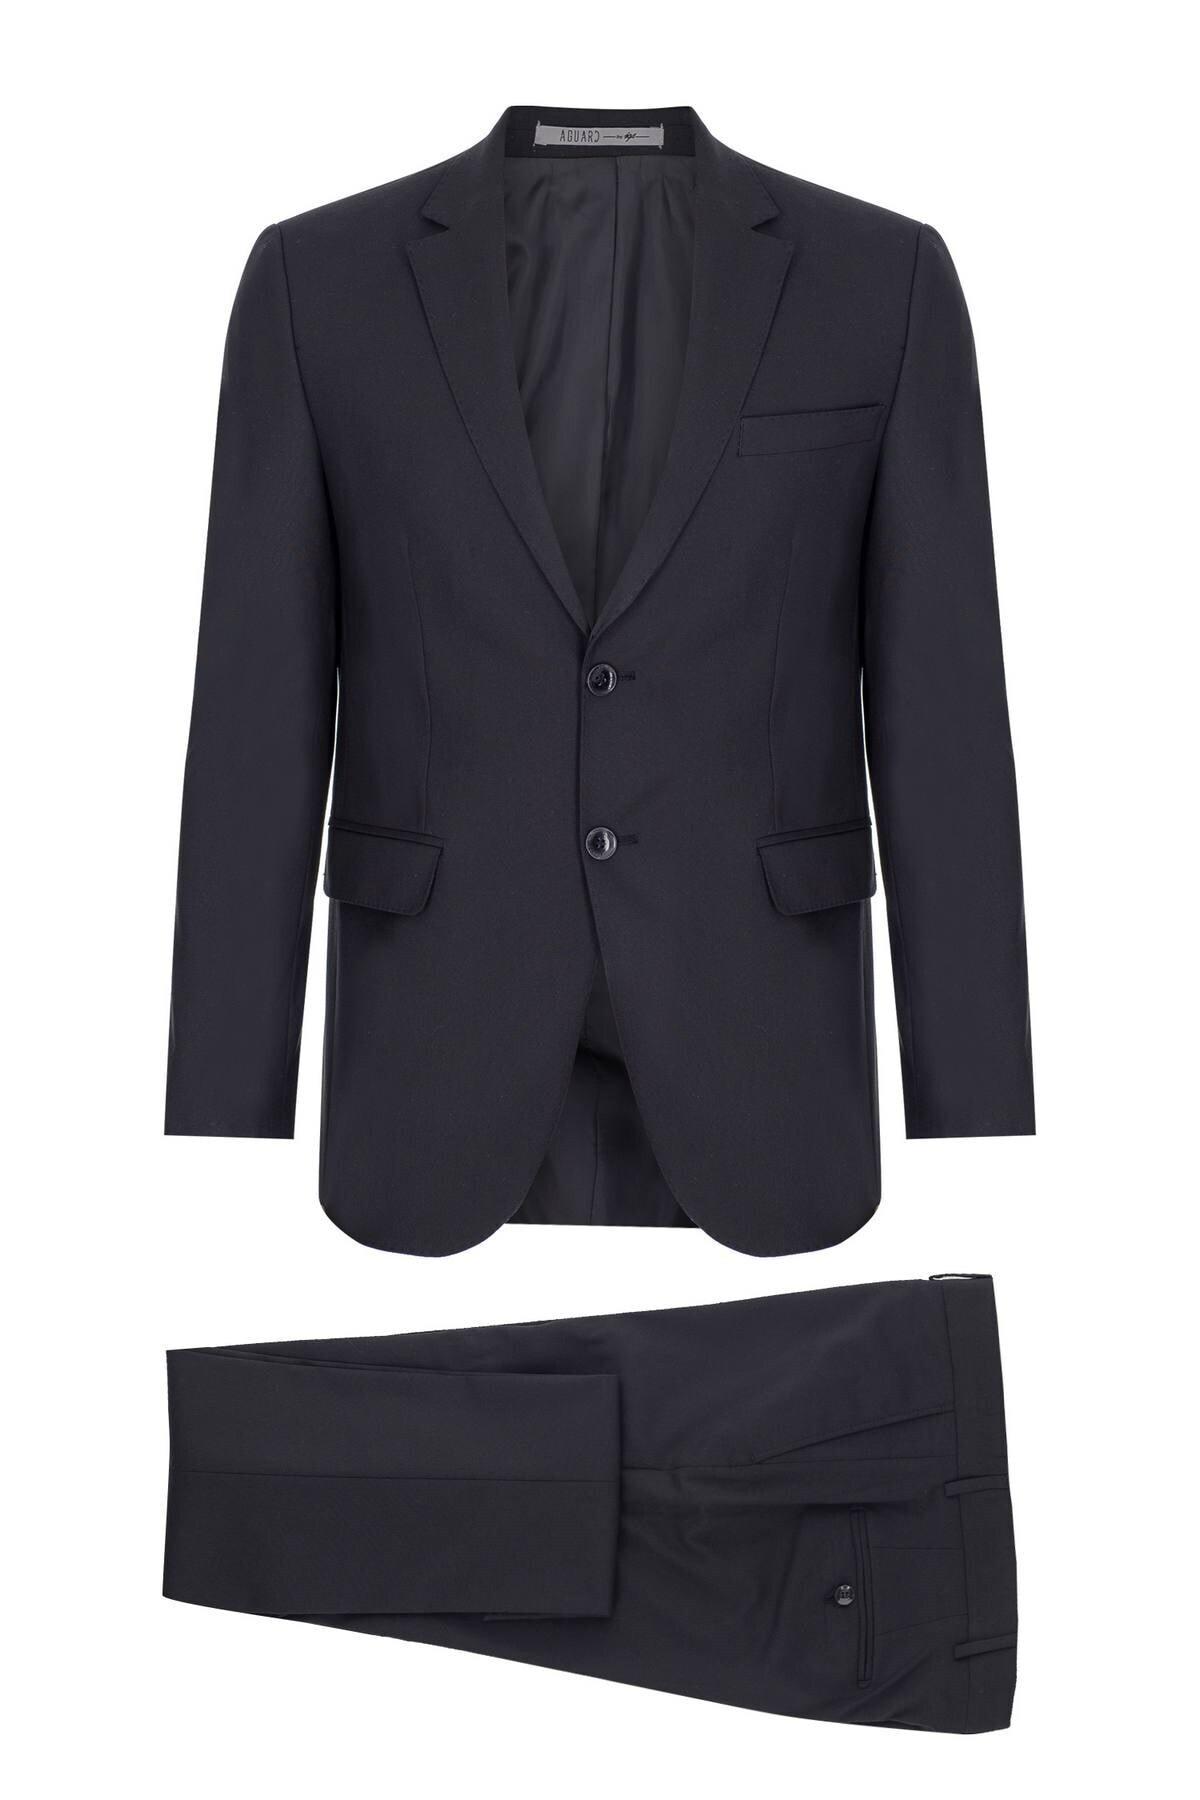 İgs Erkek K.lacivert Slım Fıt / Dar Kalıp Std Takım Elbise 1